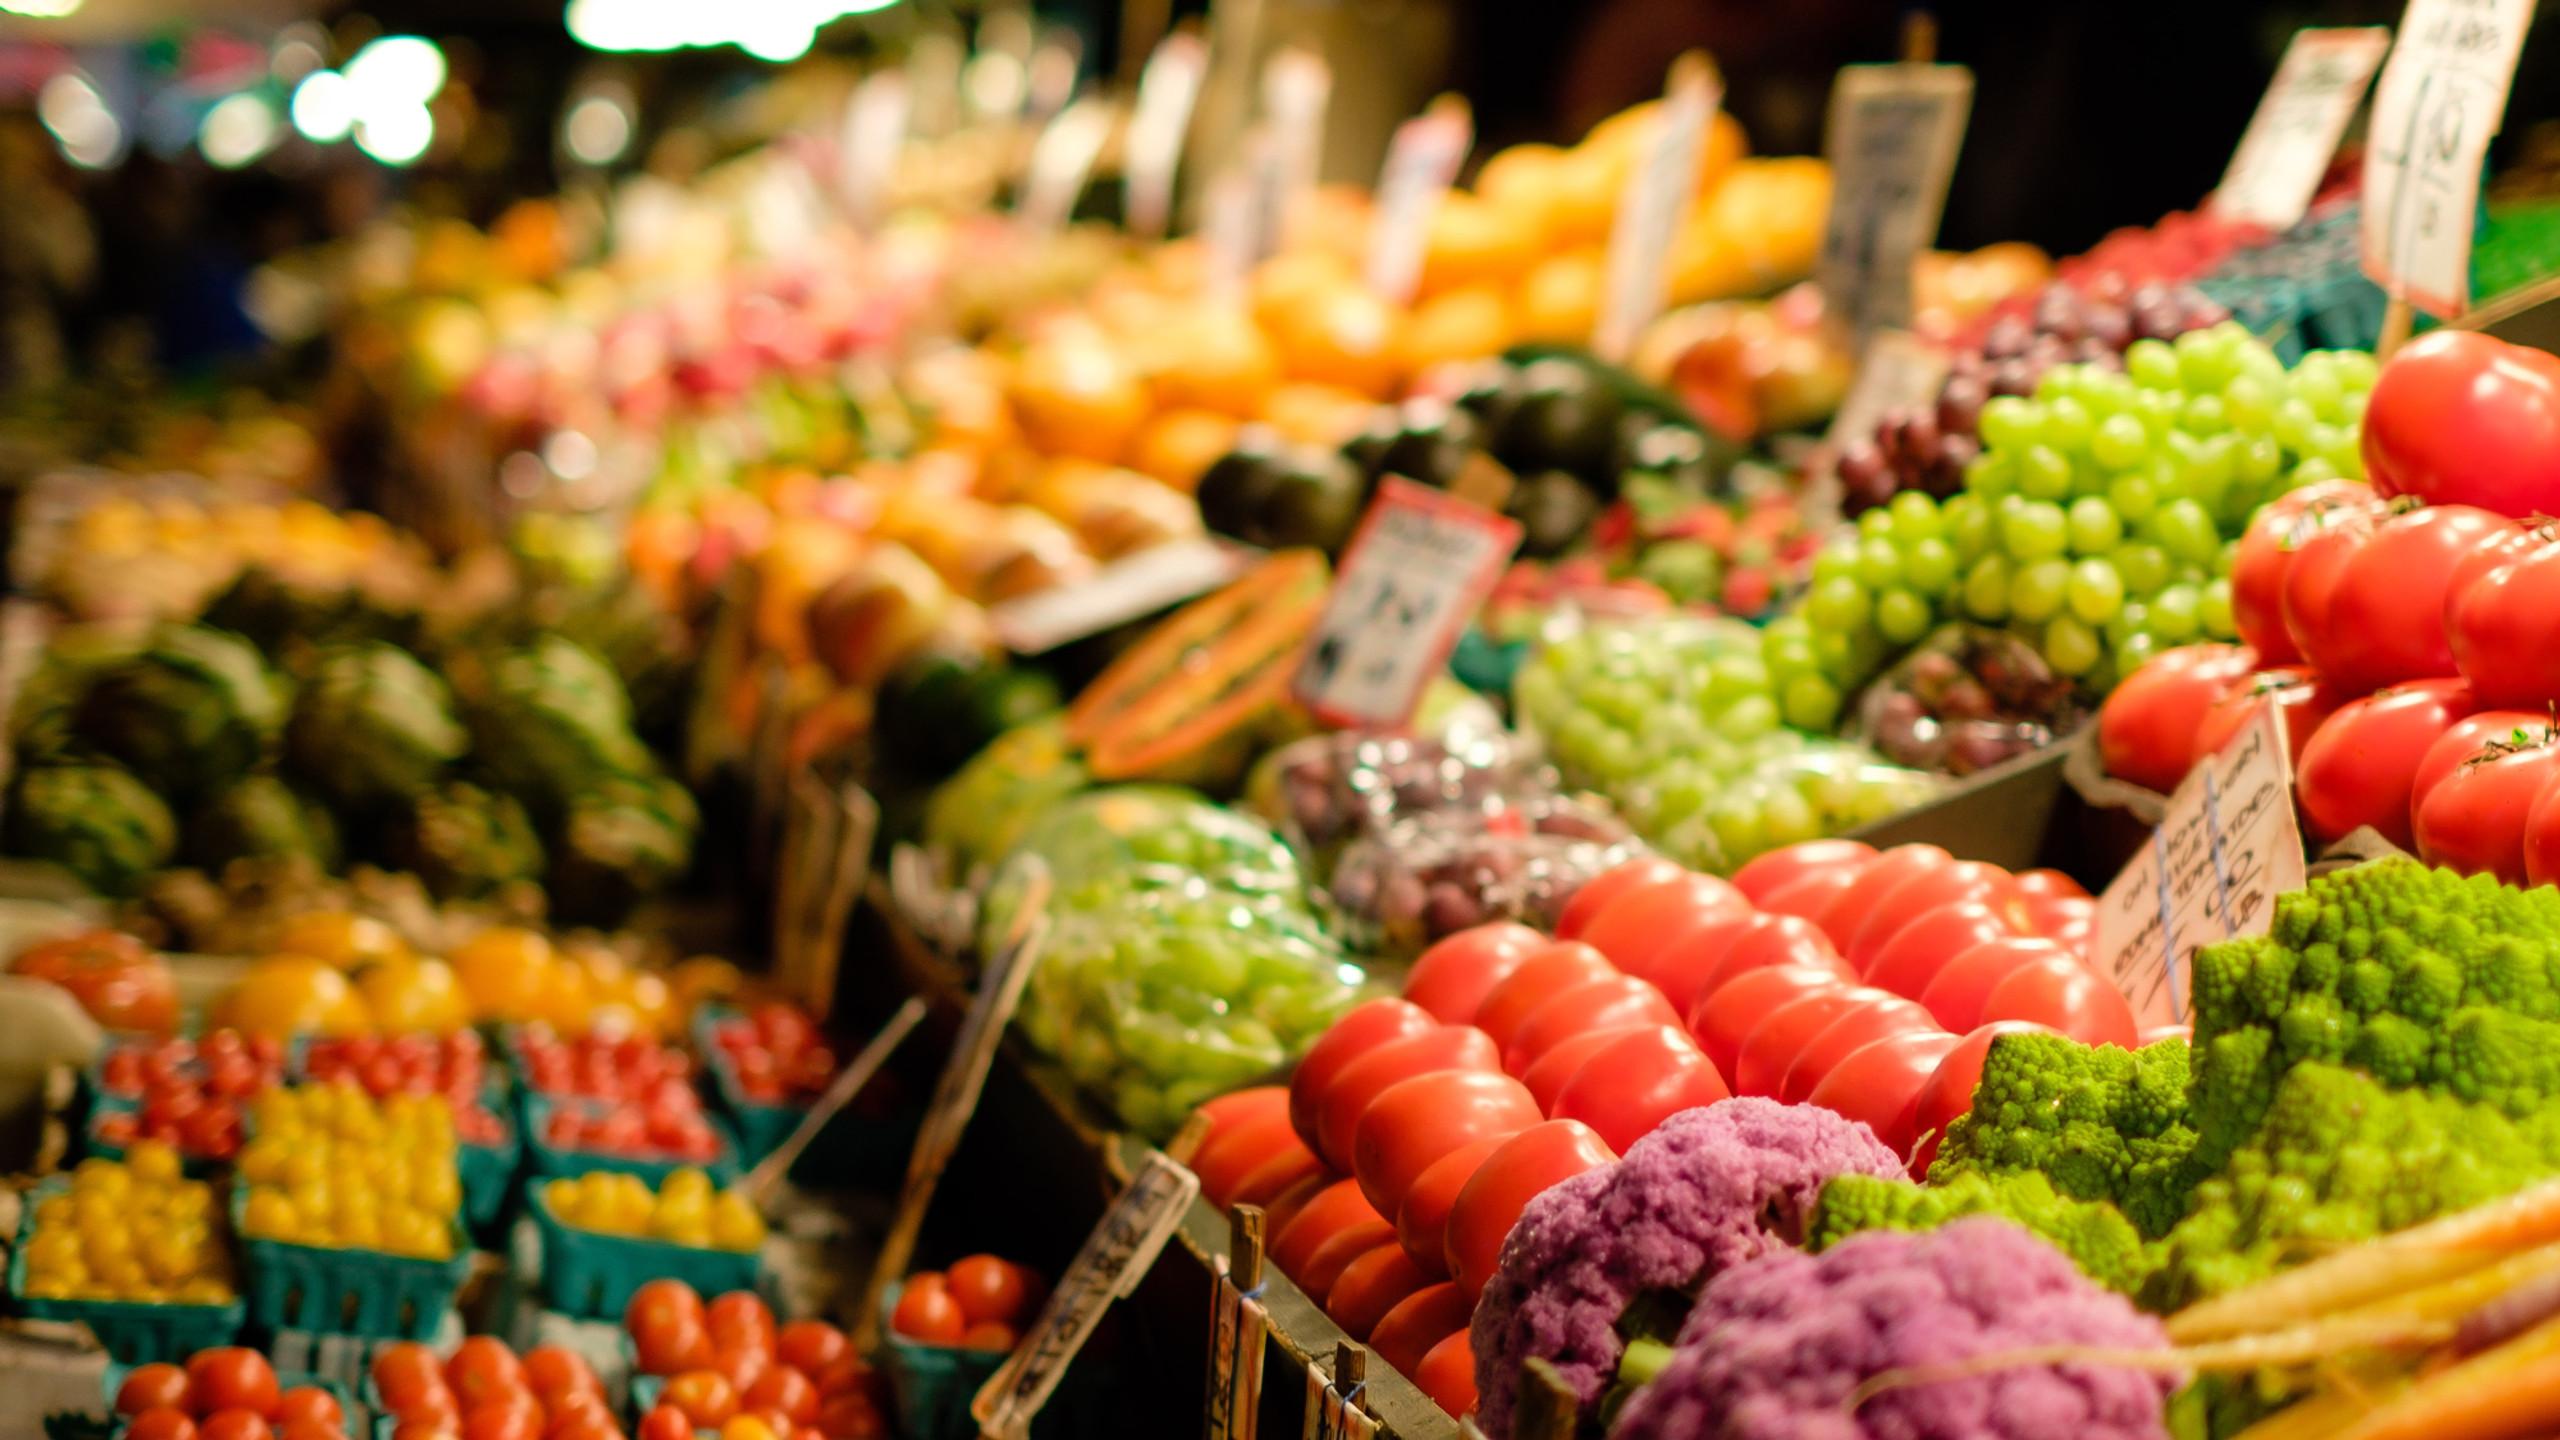 Фрукты и овощи, Кромвель, Новая Зеландия